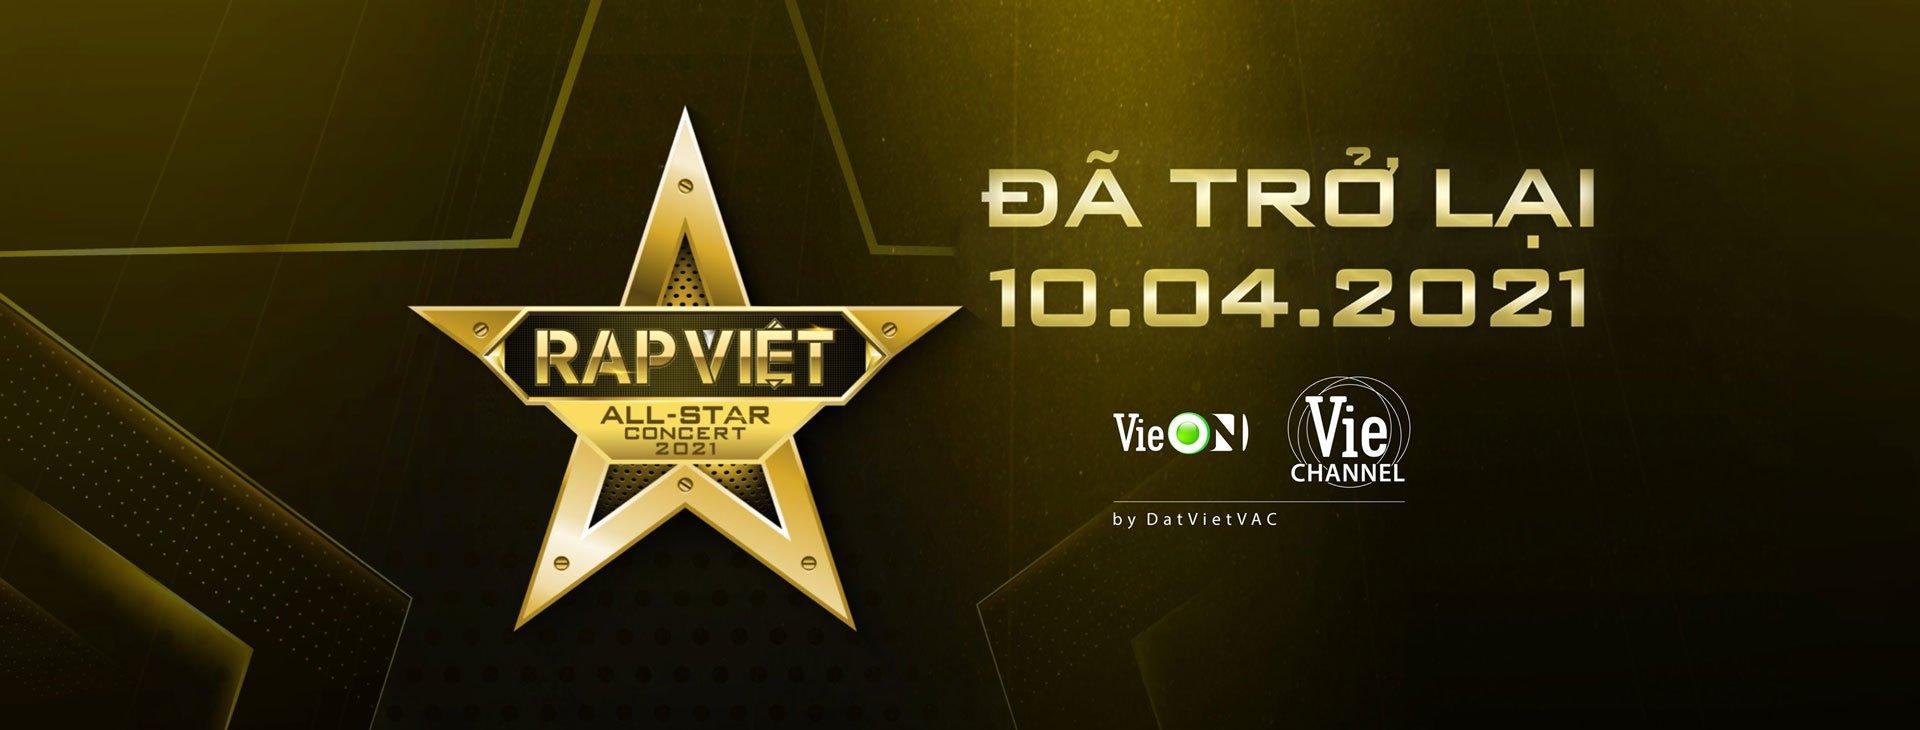 Sự kiện âm nhạc Rap Việt ALL-STAR CONCERT 2021 sẽ được tổ chức vào 10/04/2021